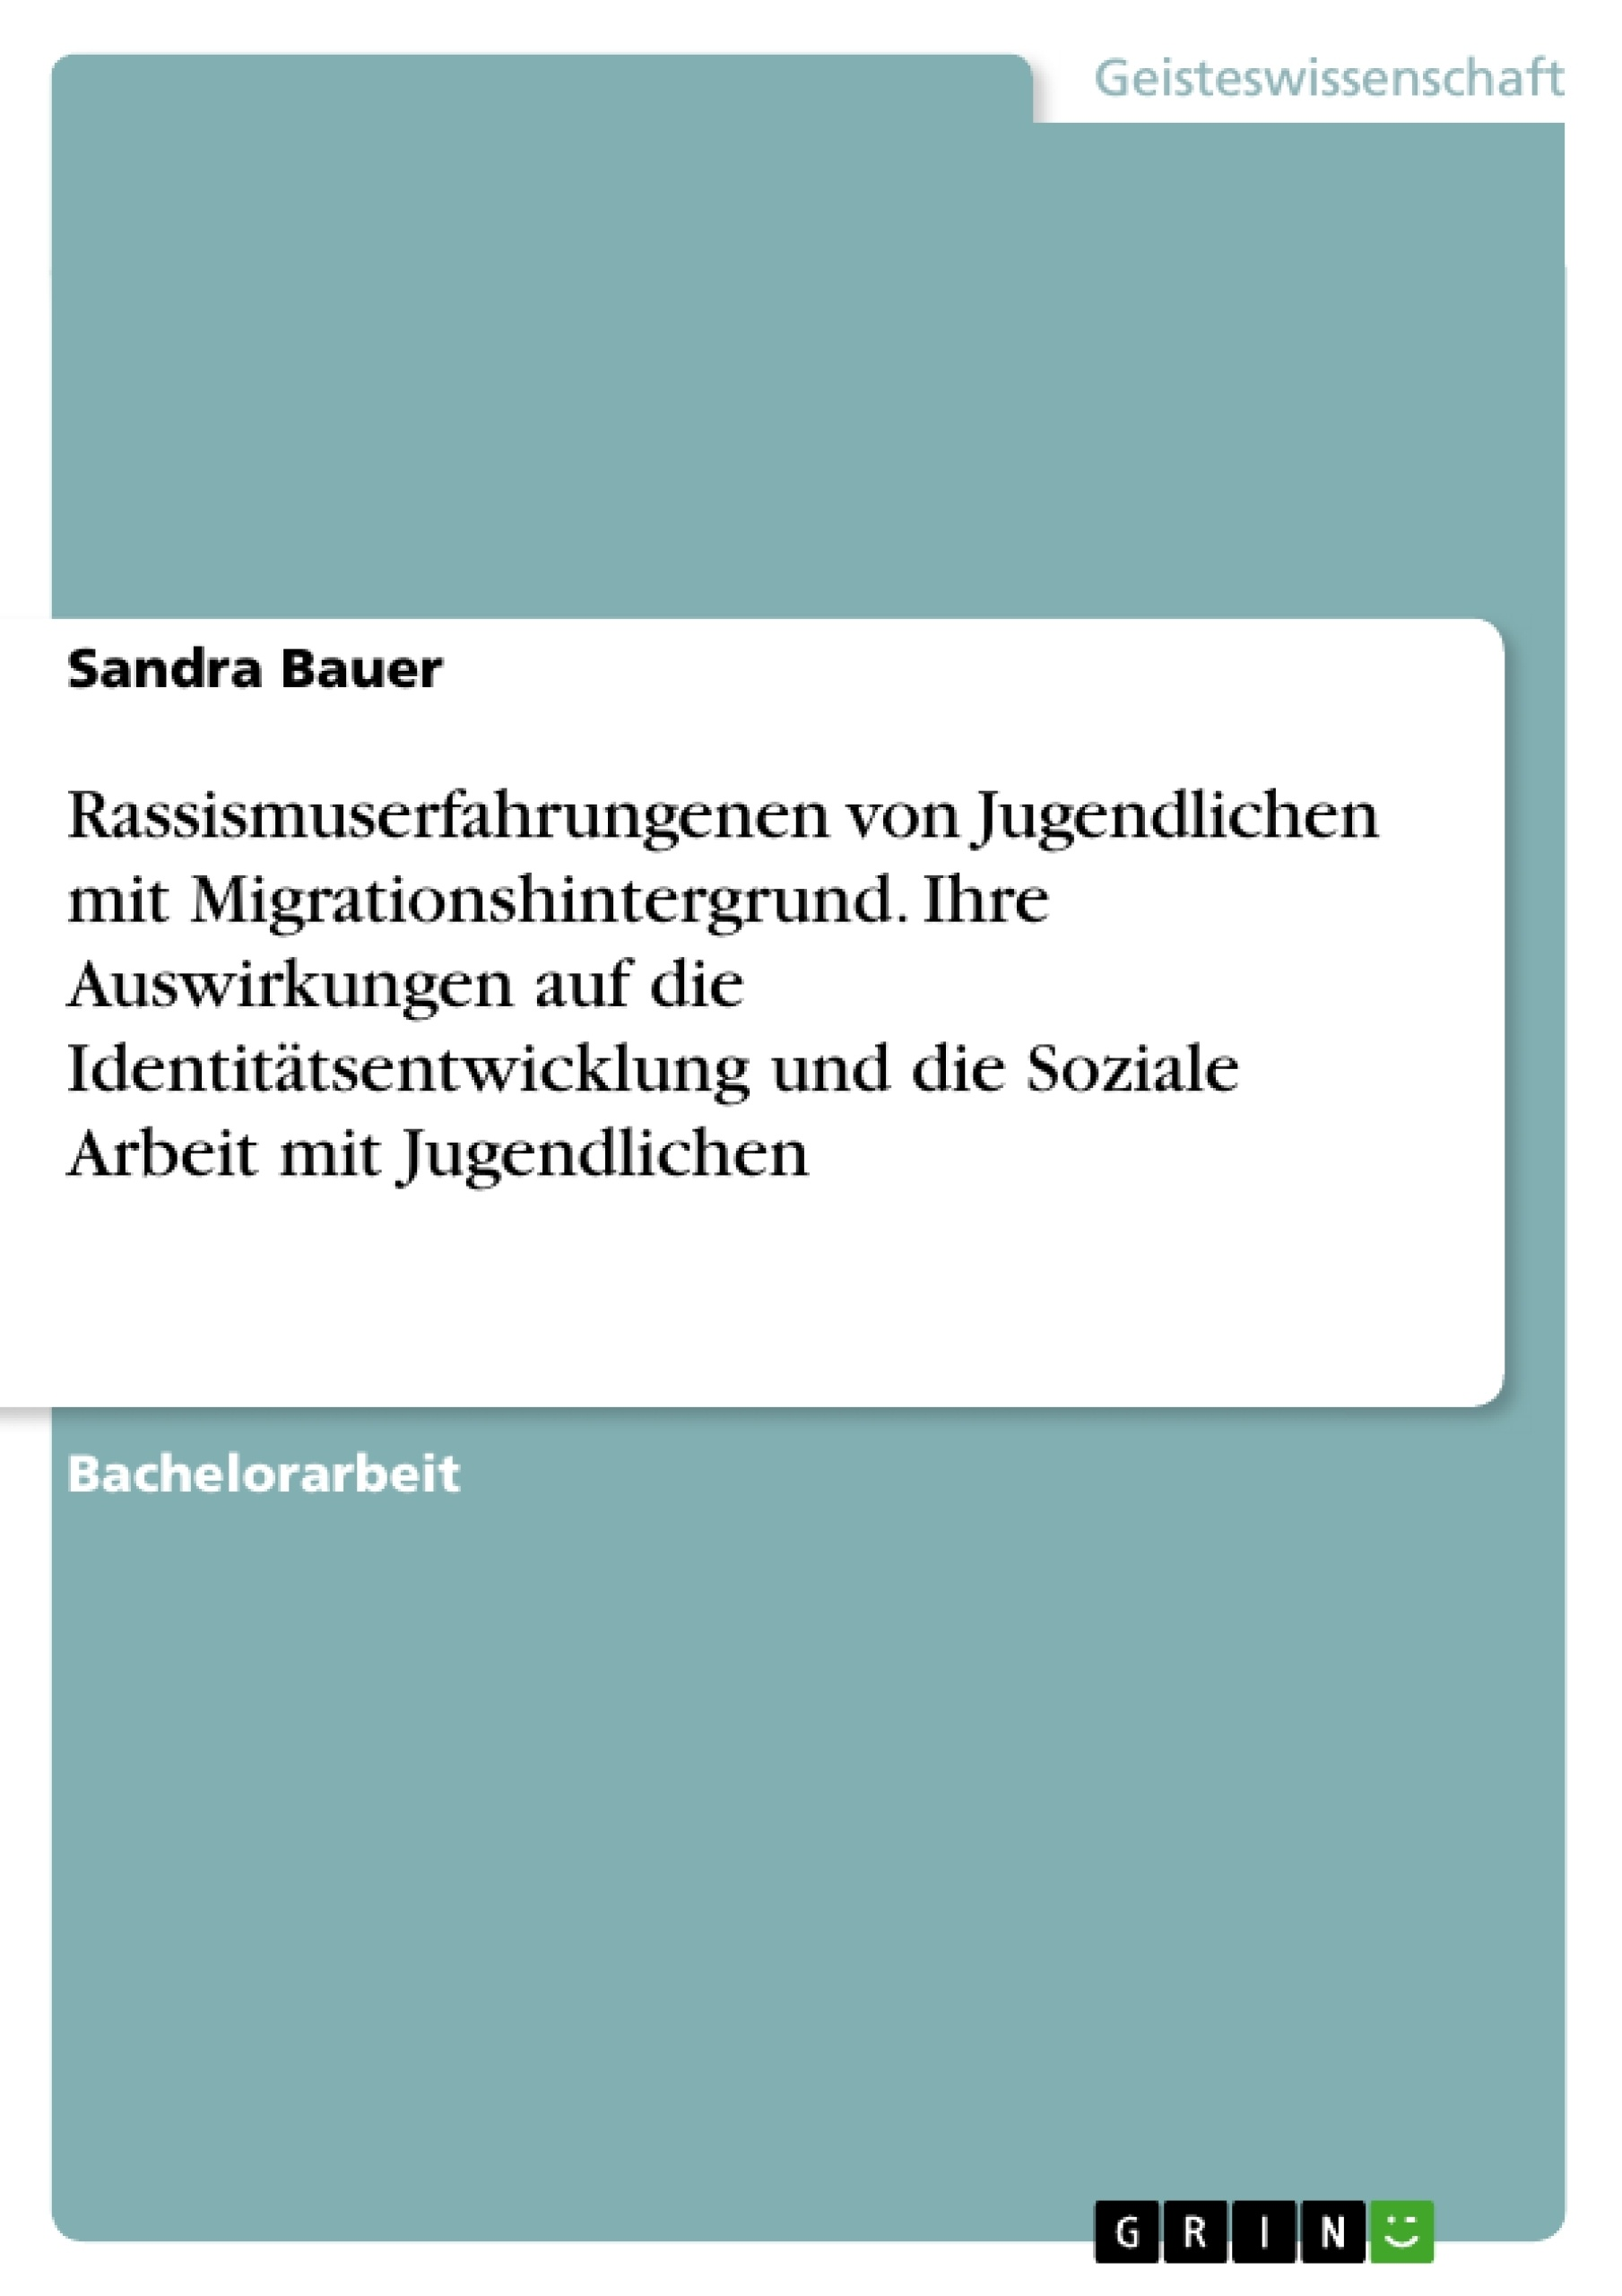 Titel: Rassismuserfahrungenen von Jugendlichen mit Migrationshintergrund. Ihre Auswirkungen auf die Identitätsentwicklung und die Soziale Arbeit mit Jugendlichen